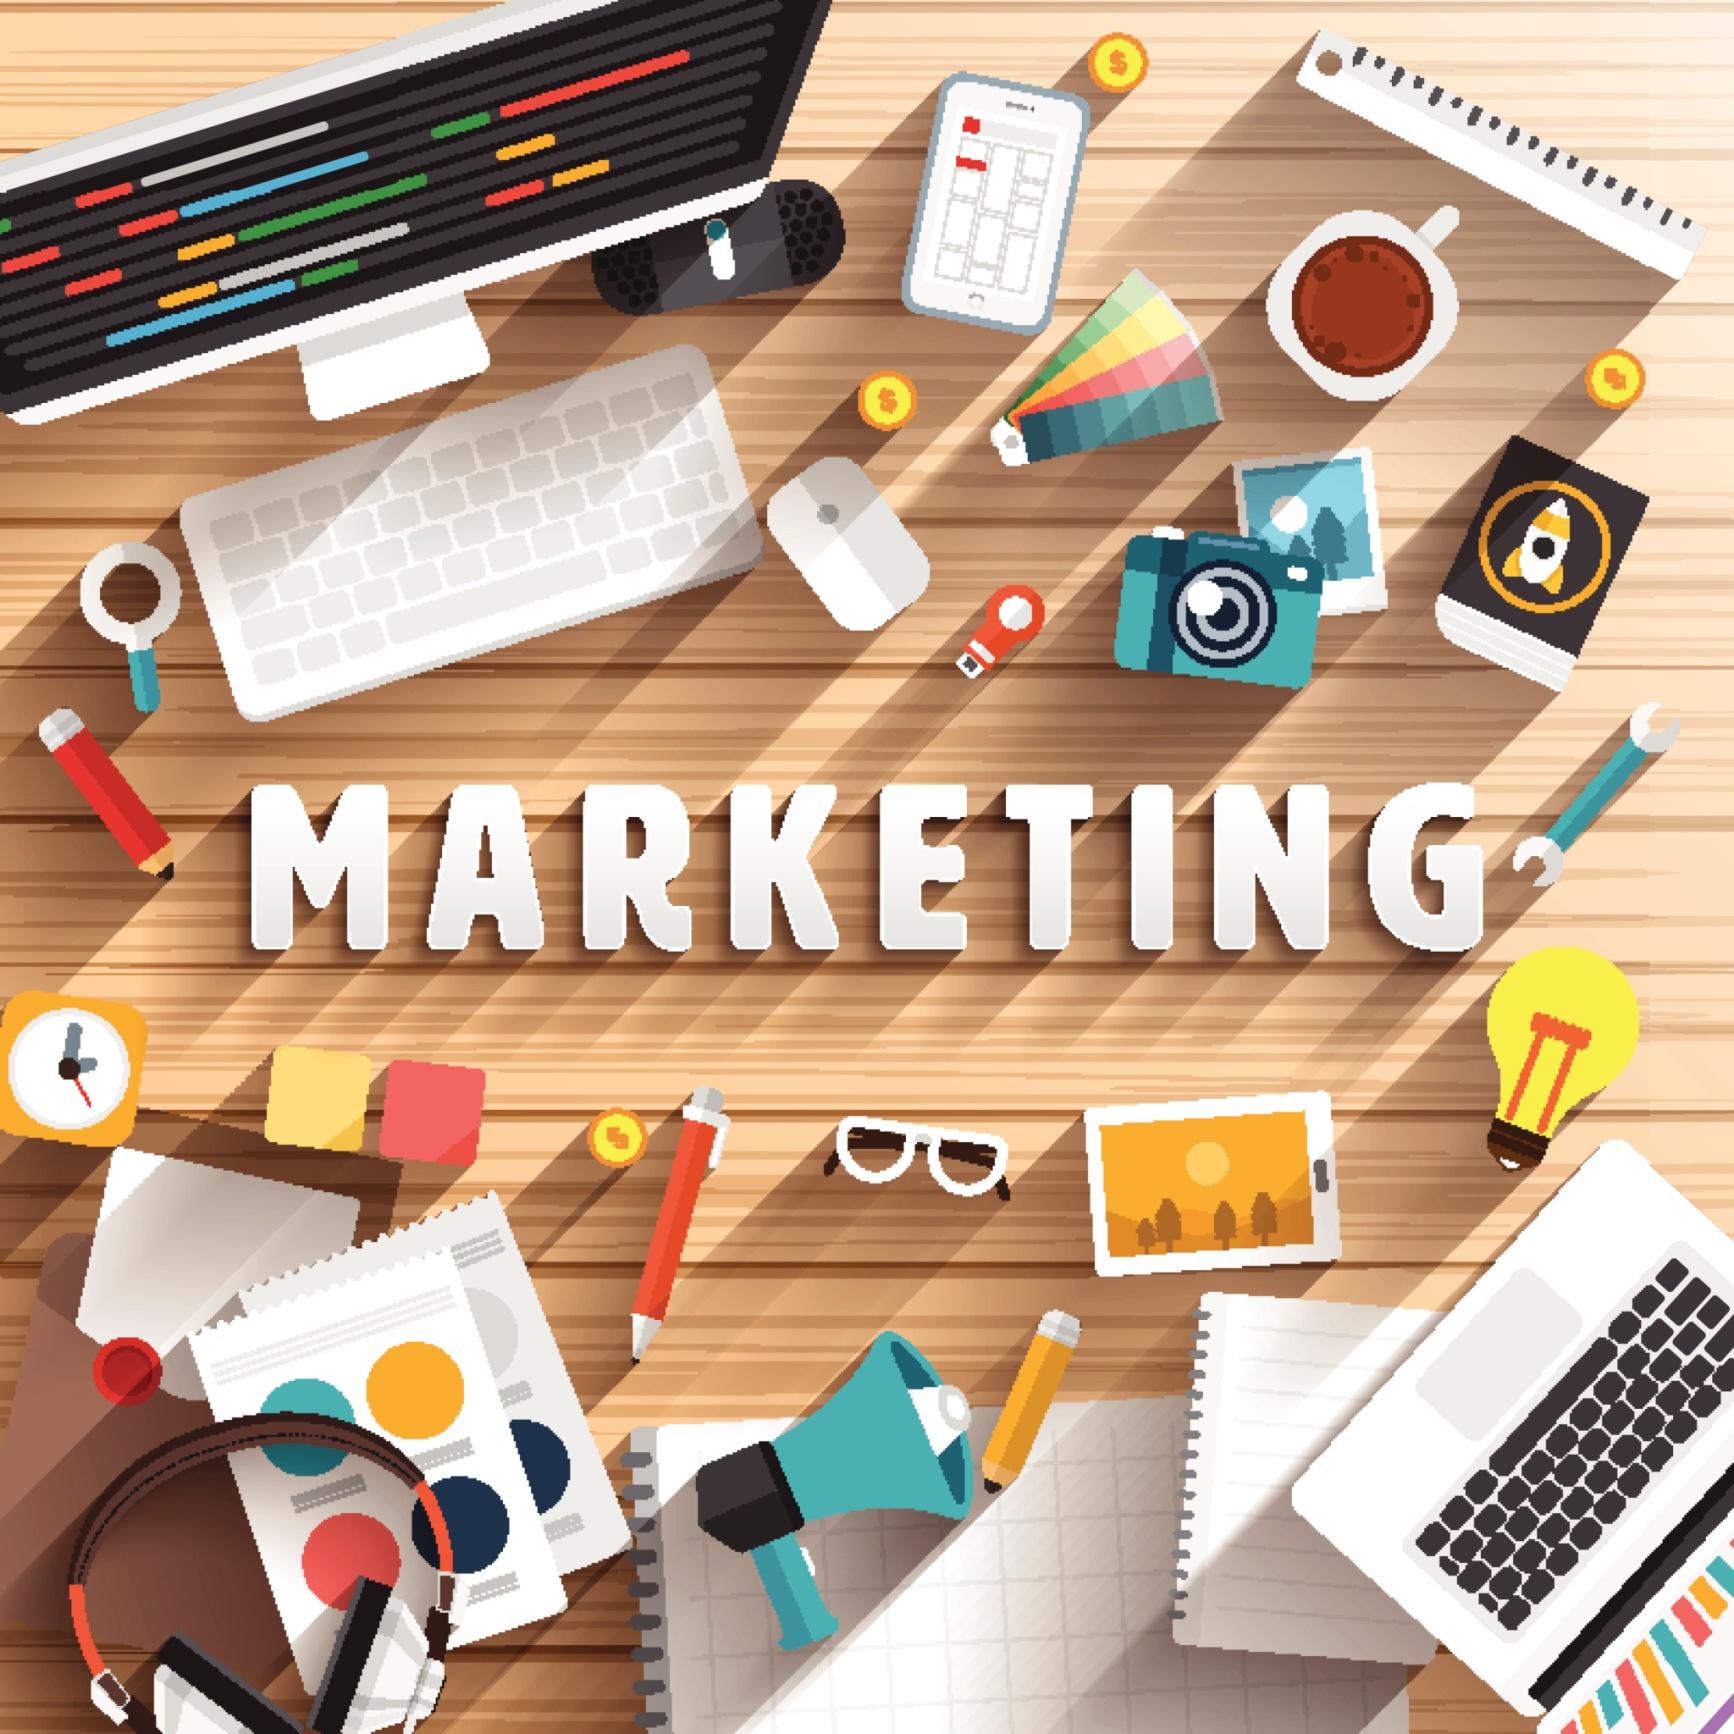 http://cdn2.hubspot.net/hubfs/497826/marketing-1.jpg